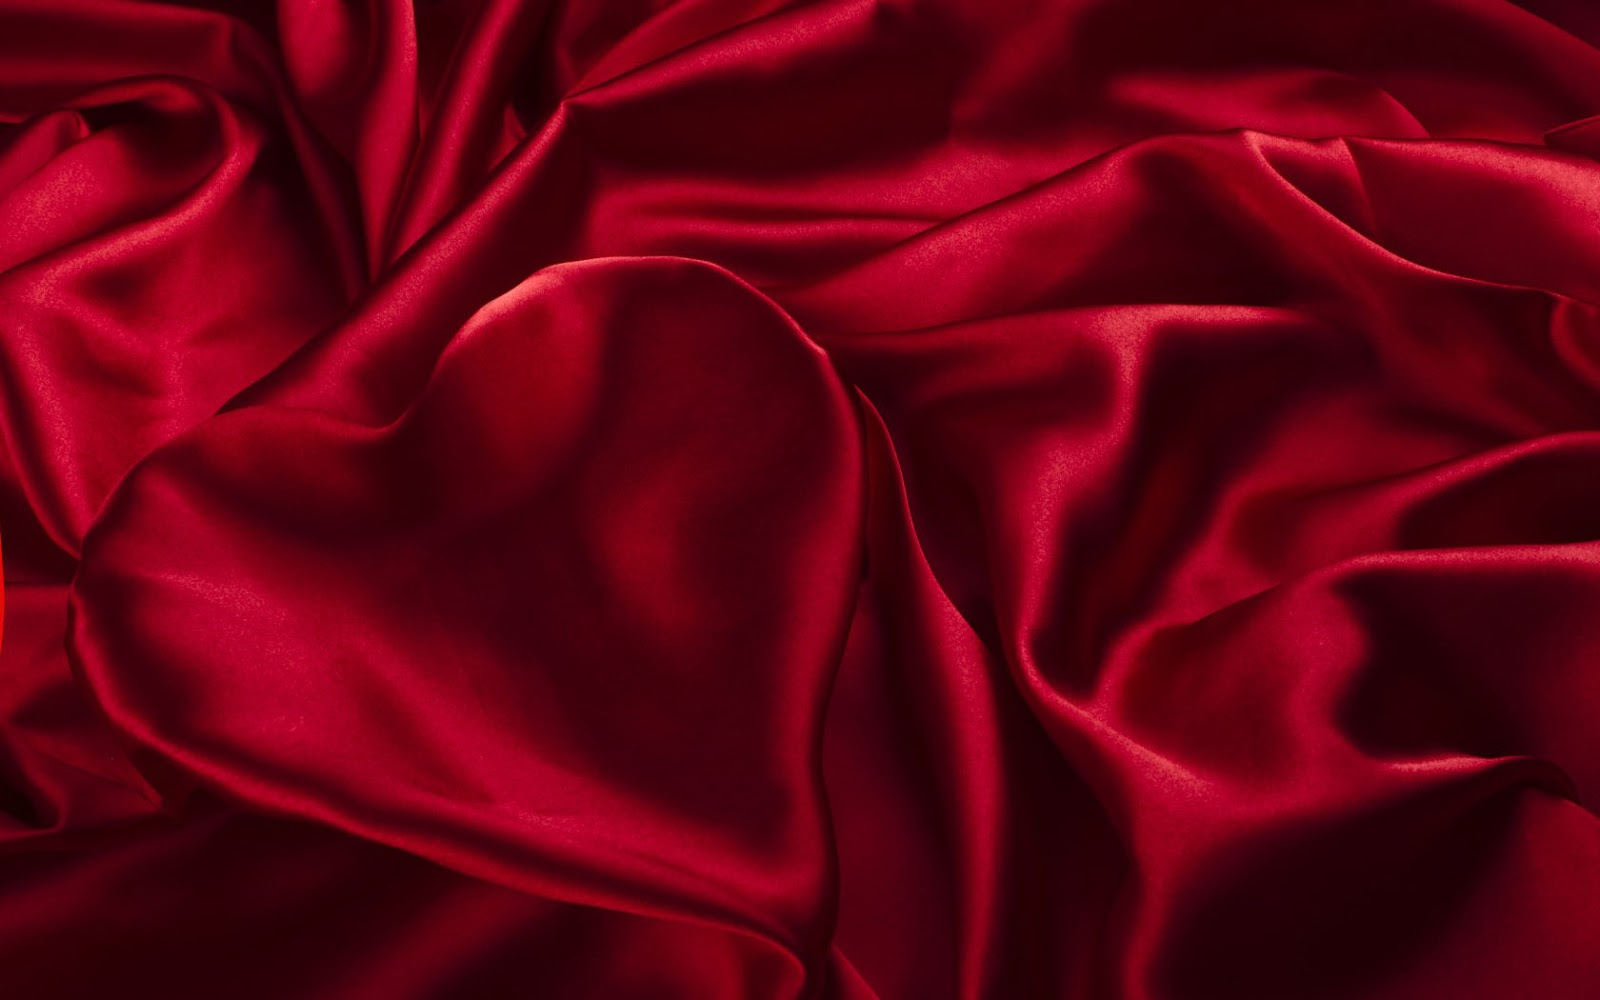 http://3.bp.blogspot.com/-XG3QUkUZAPM/UQkPGJkIJgI/AAAAAAAAMF0/P_dM9eswNcE/s1600/rode-achtergrond-van-een-satijn-stoffen-laken-met-een-rood-liefdes-hartje.jpg